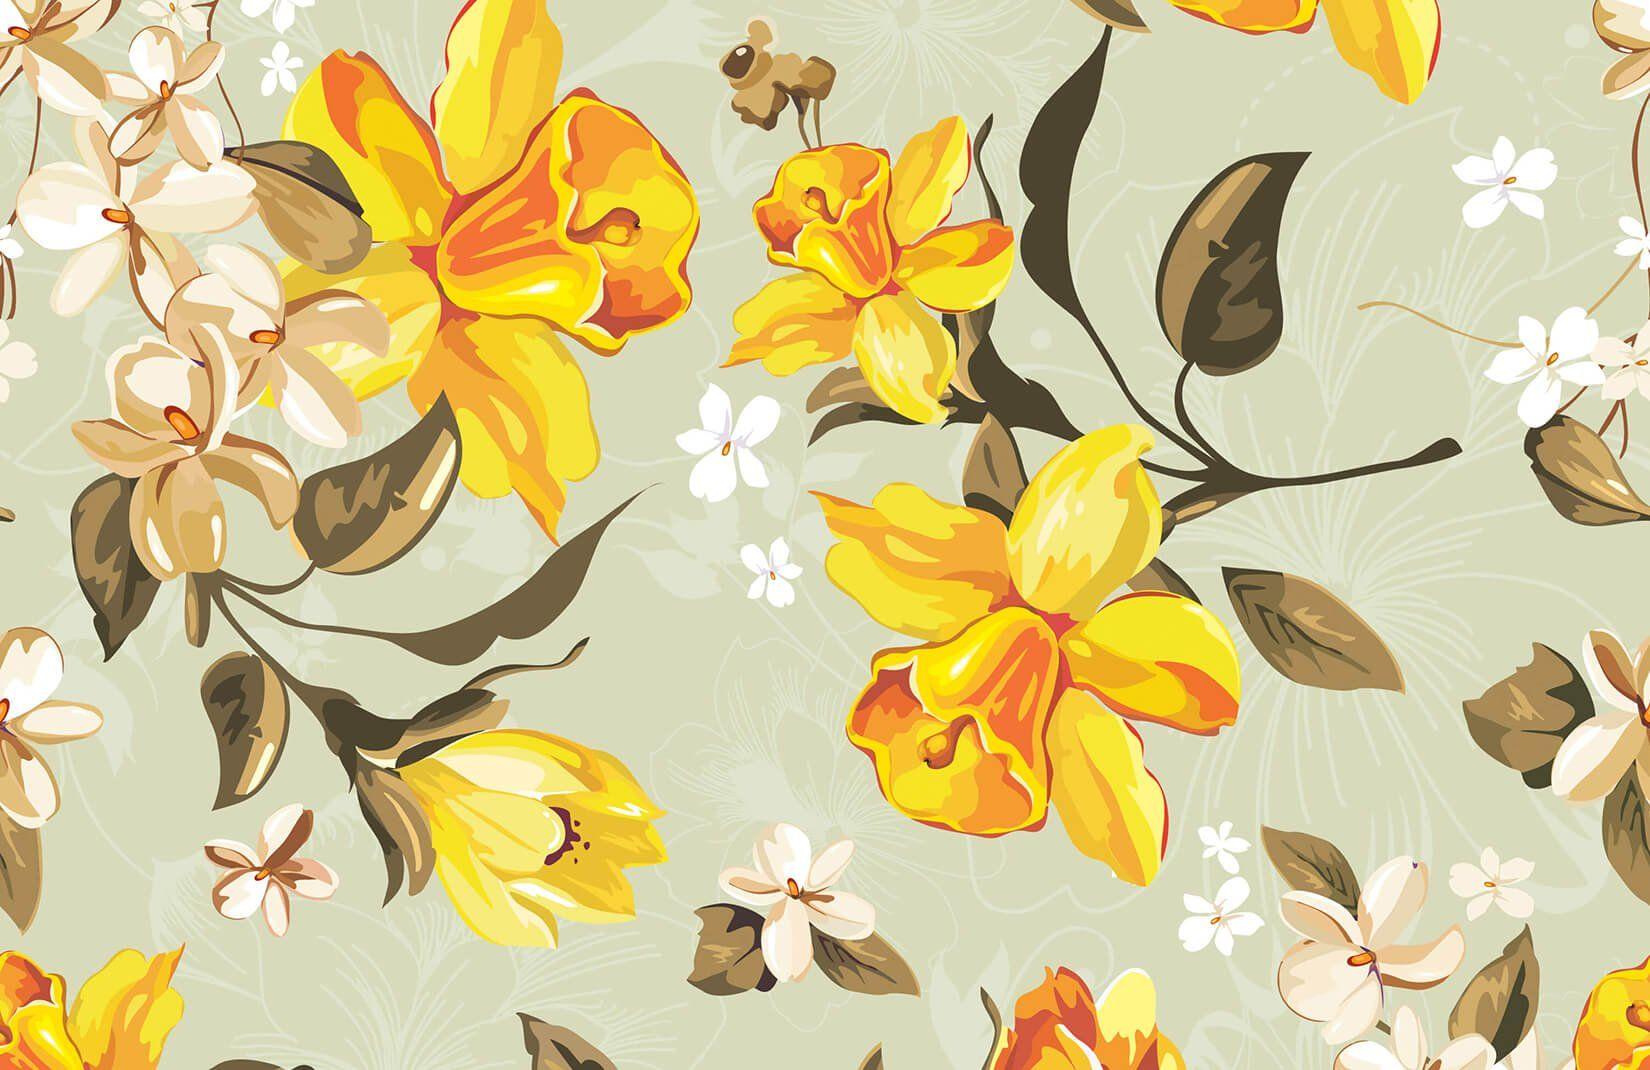 Vintage Floral Flower Wallpaper Murals Wallpaper Vintage Floral Wallpapers Daffodils Mural